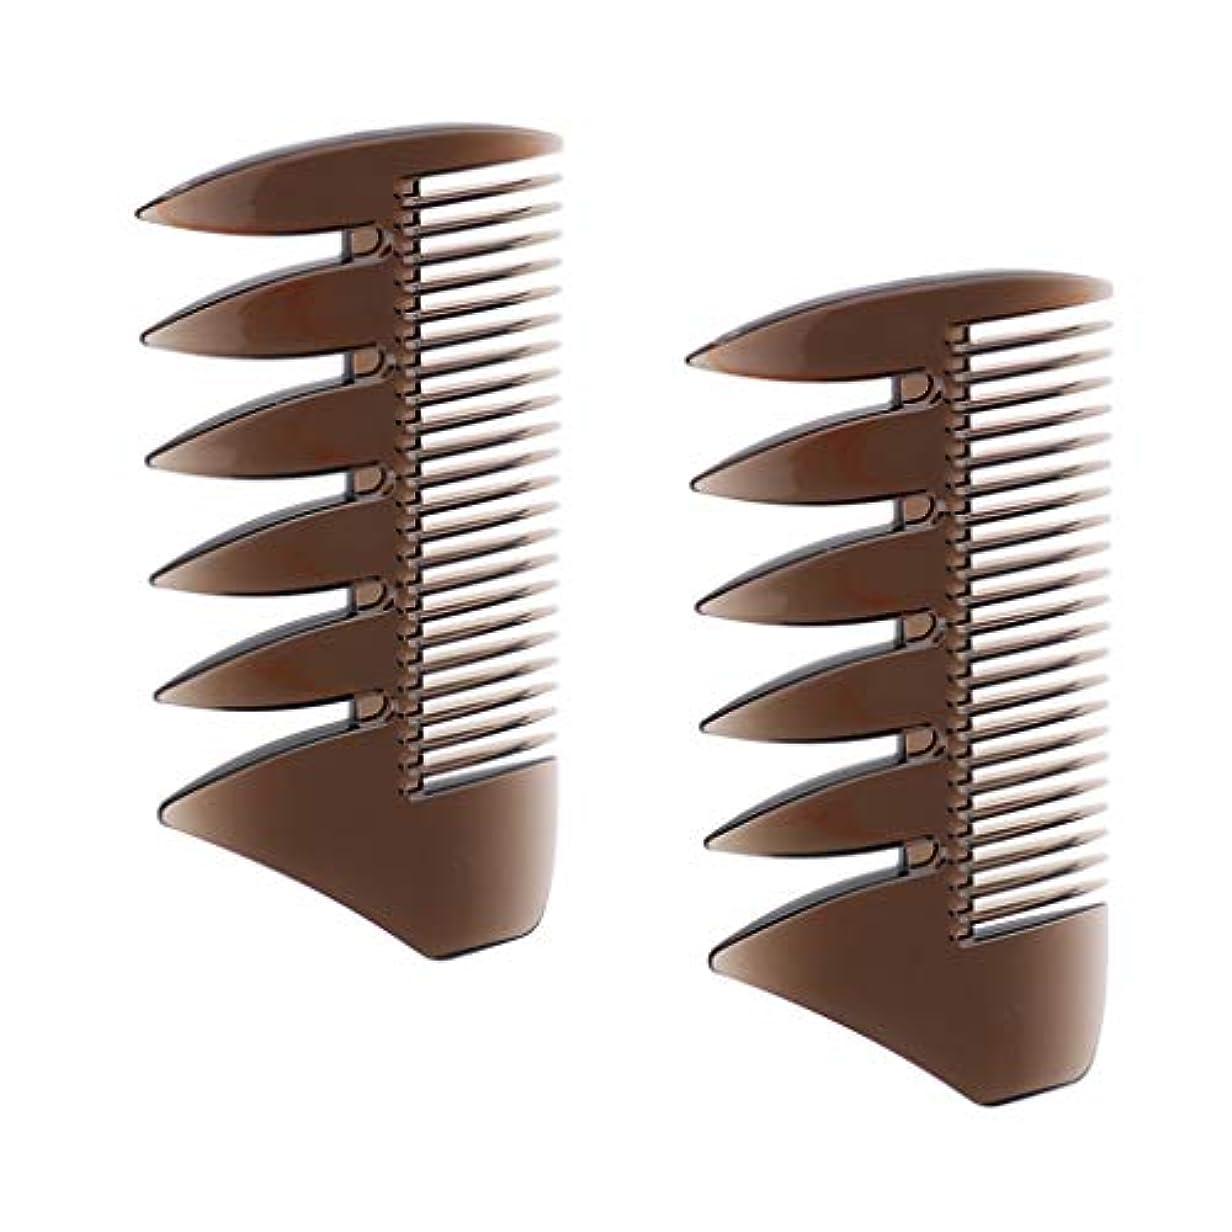 画像前書きうっかり2個 ヘアコンビ デュアルサイド メンズ オイルの髪 櫛 ヘアサロン ヘアスタイリング